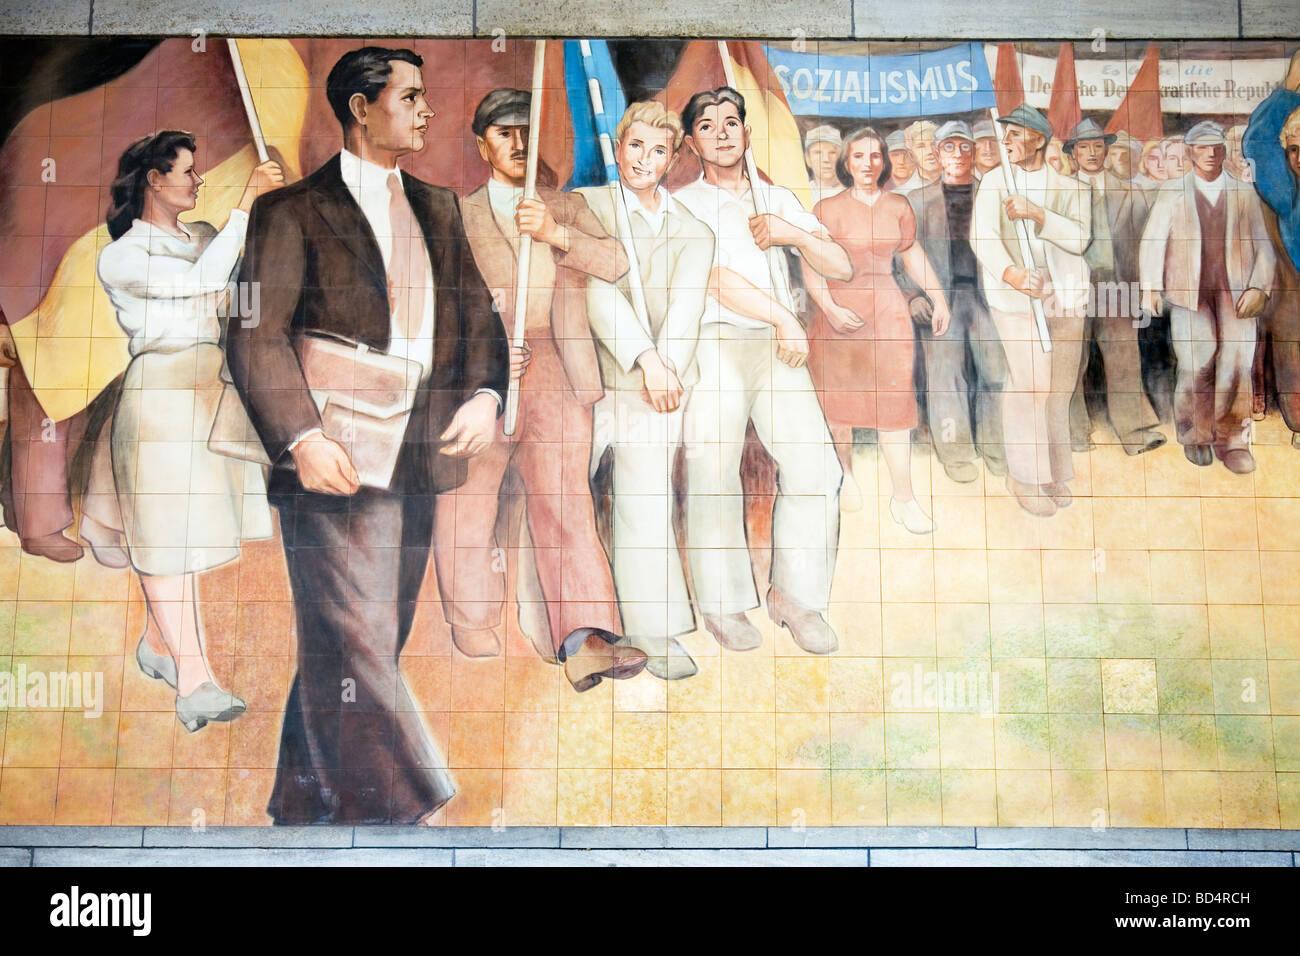 Mural -Aufbau der Republik by Max Lingneron German Finance Ministry, Wilhelmstrasse, Berlin, Germany - Stock Image